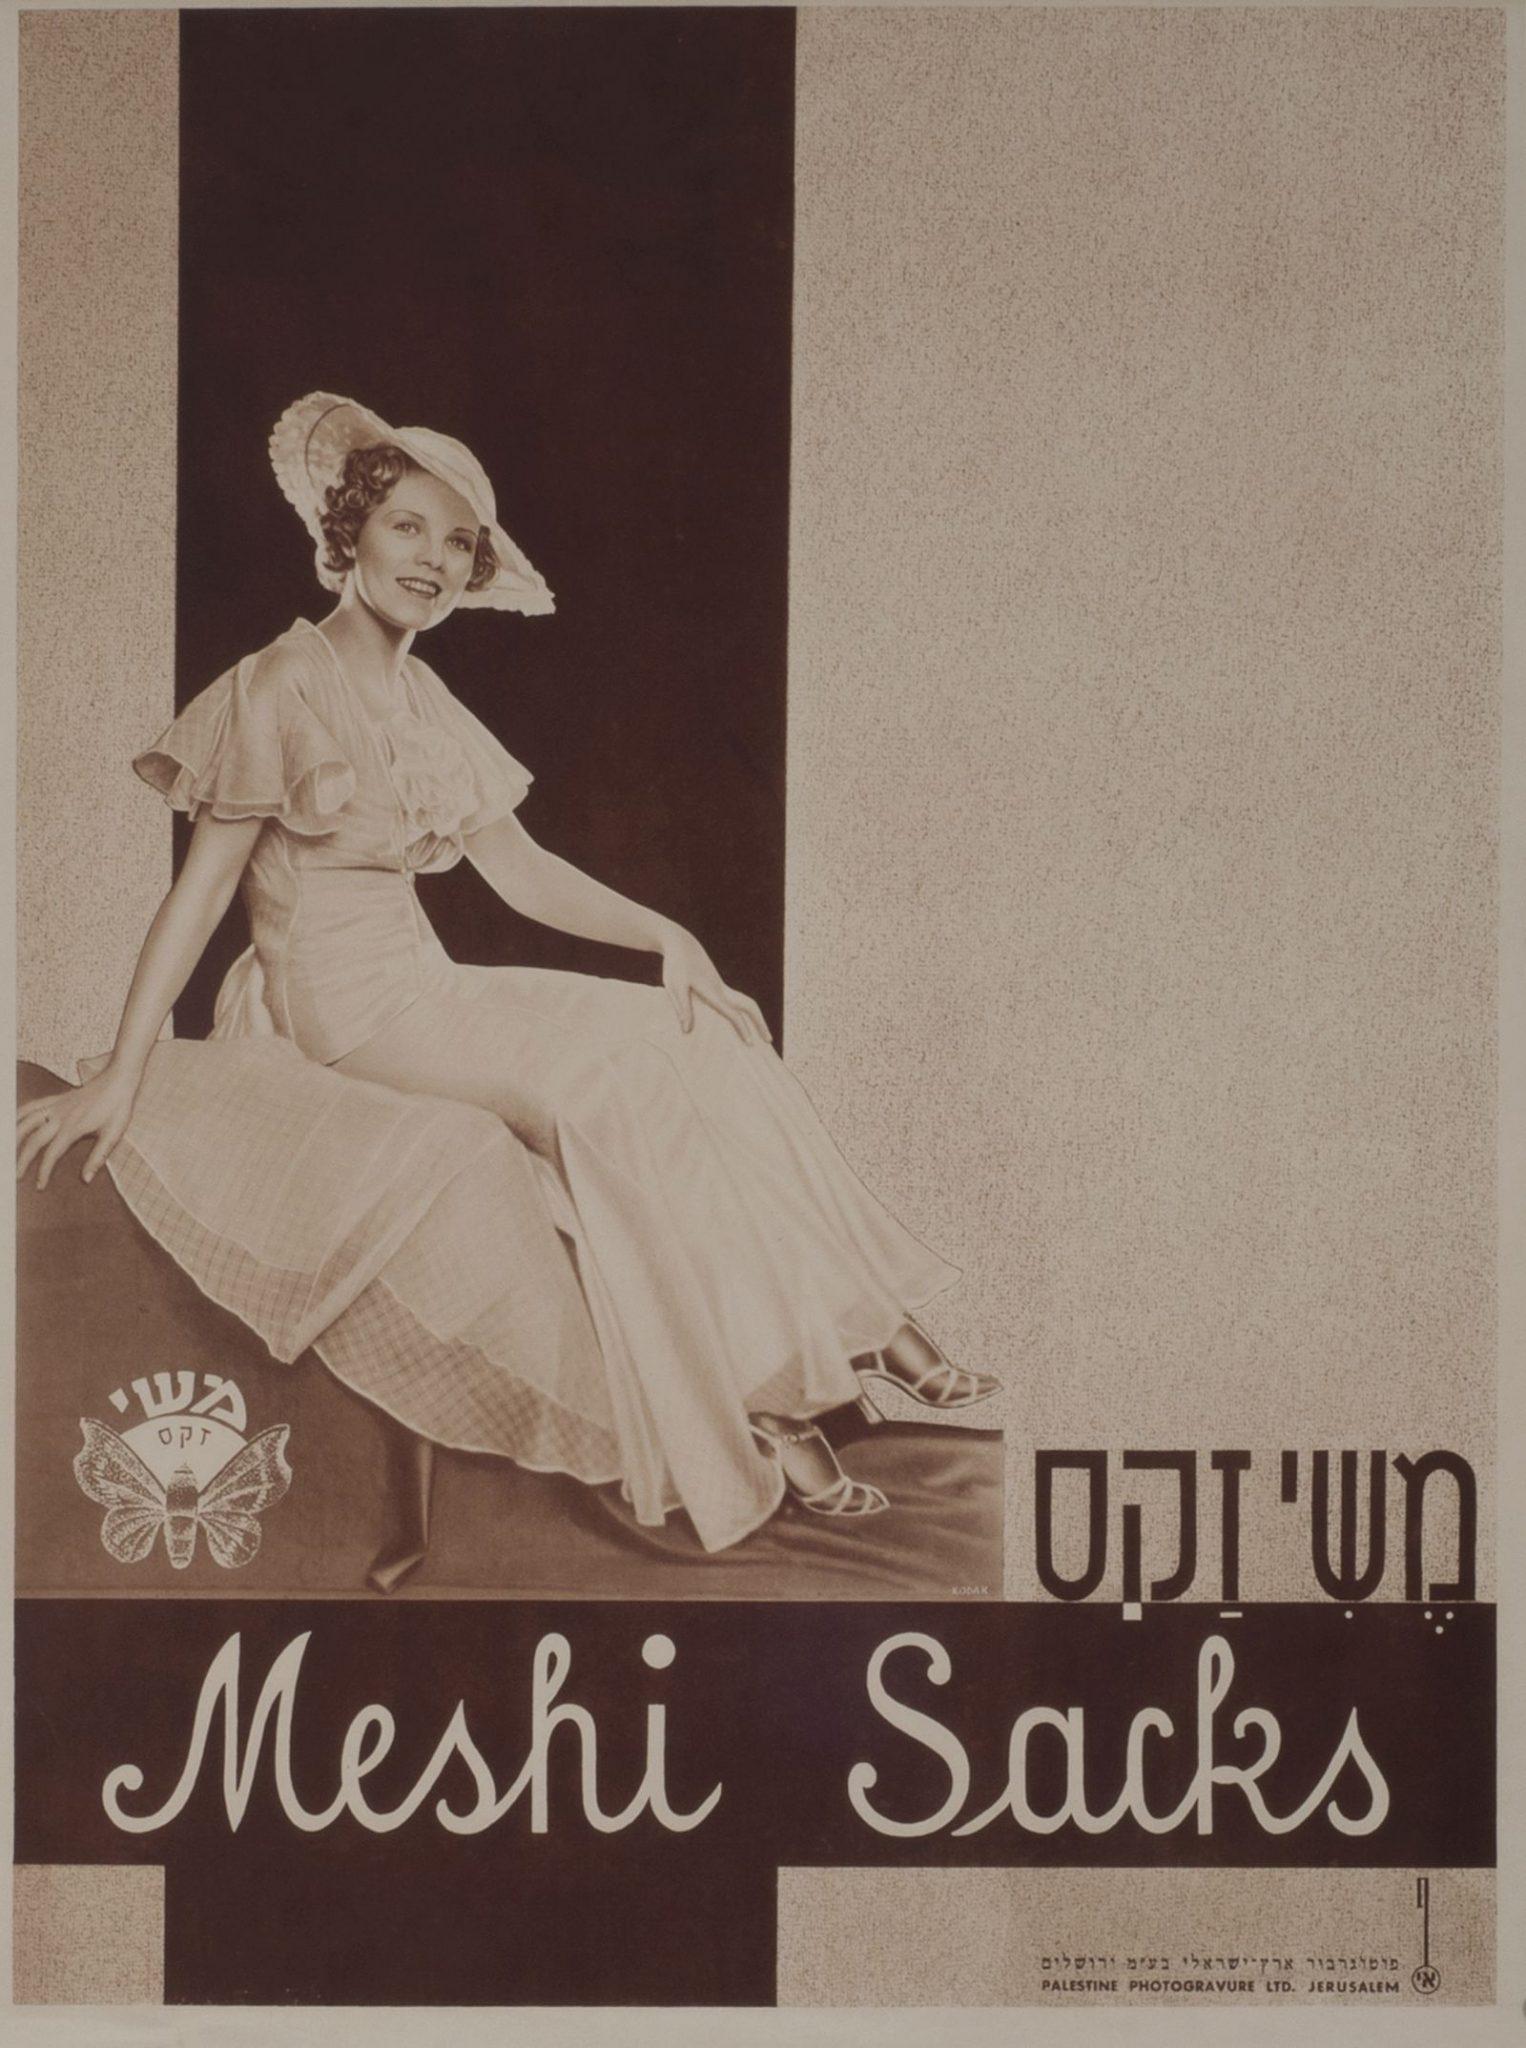 A century of Israeli fashion… or anti-fashion - ISRAEL21c